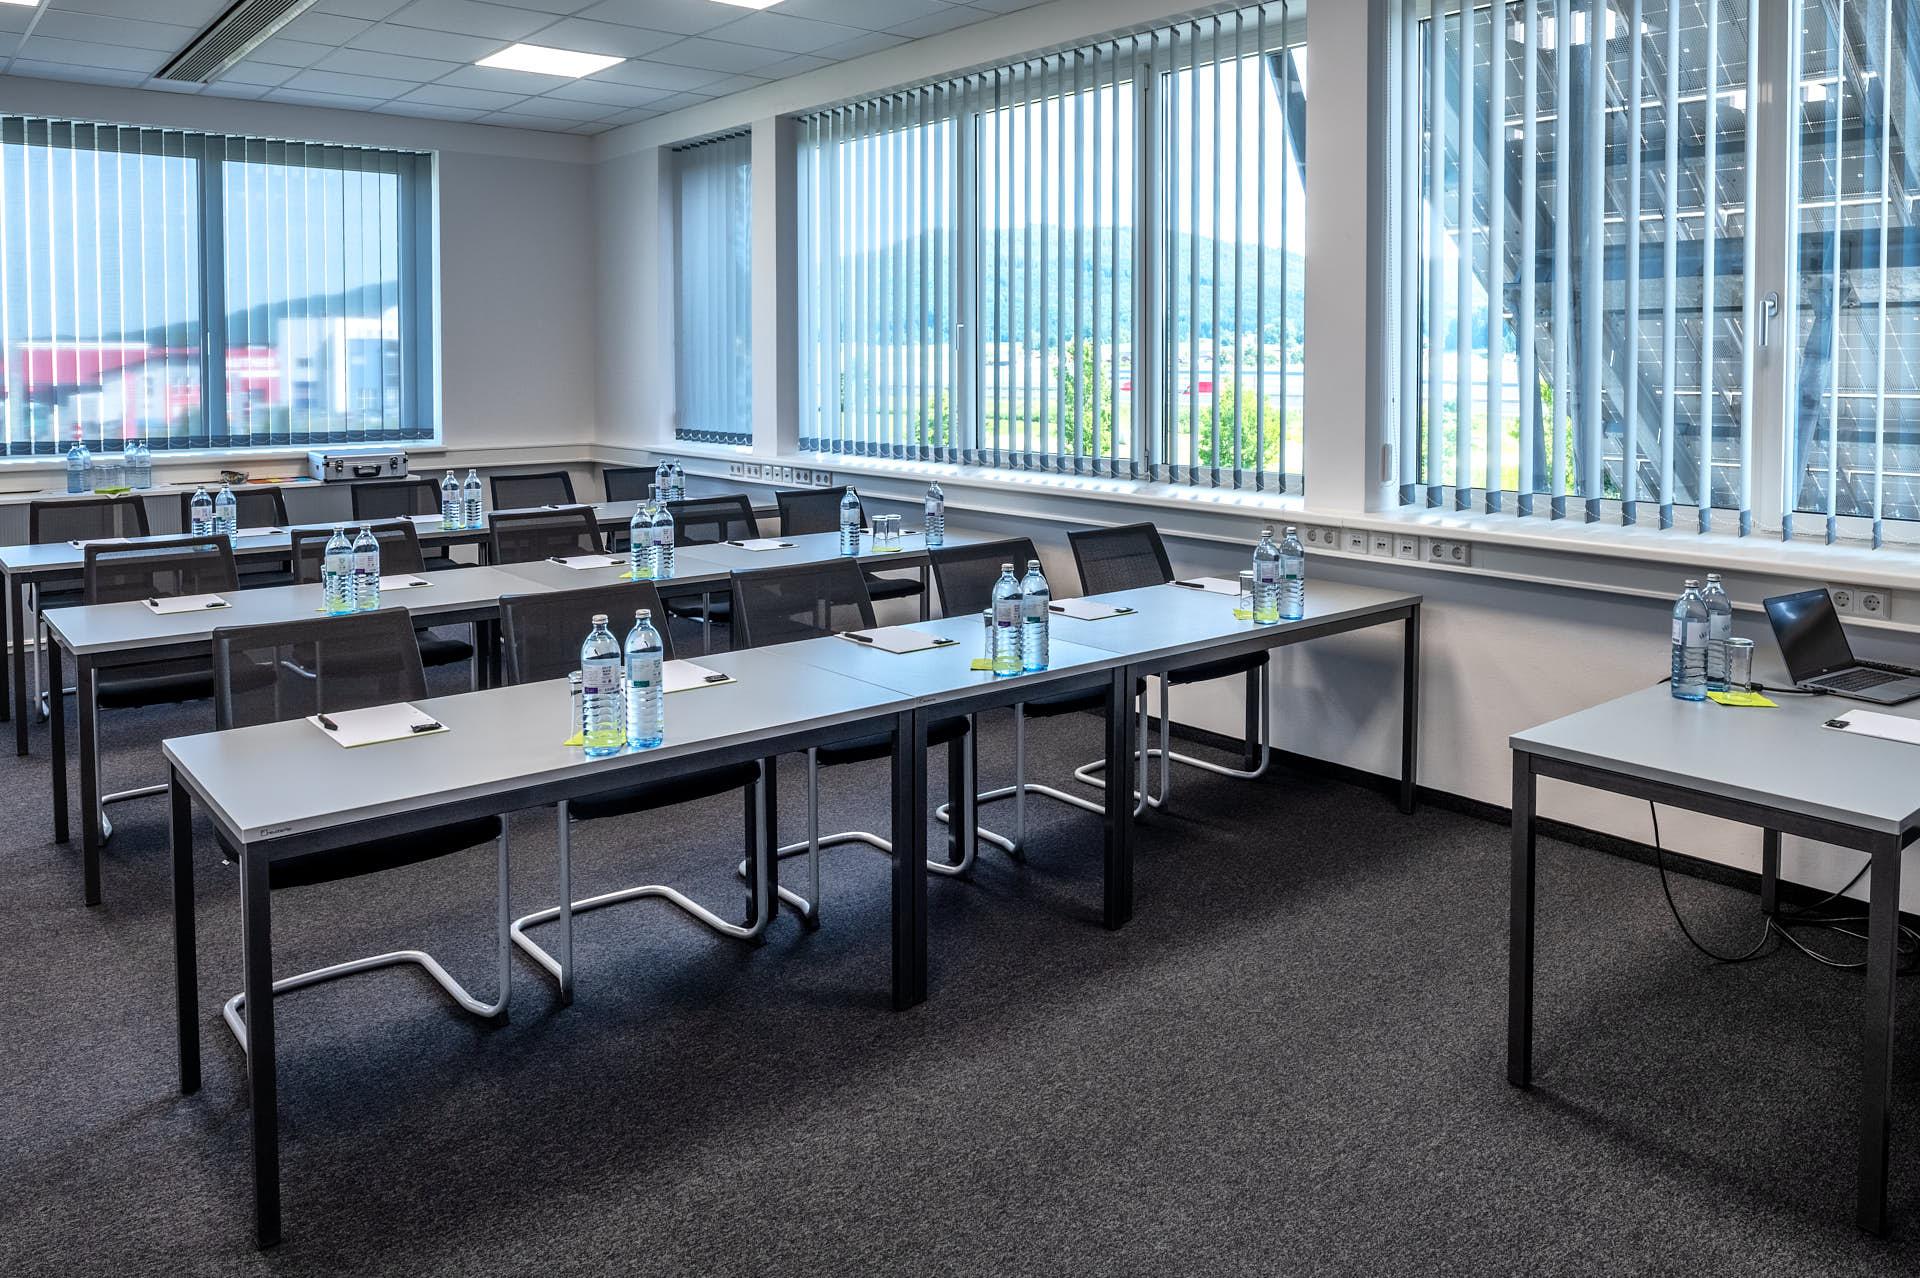 Uranus / Klassenzimmer-Bestuhlung: Platz für 20 Personen.